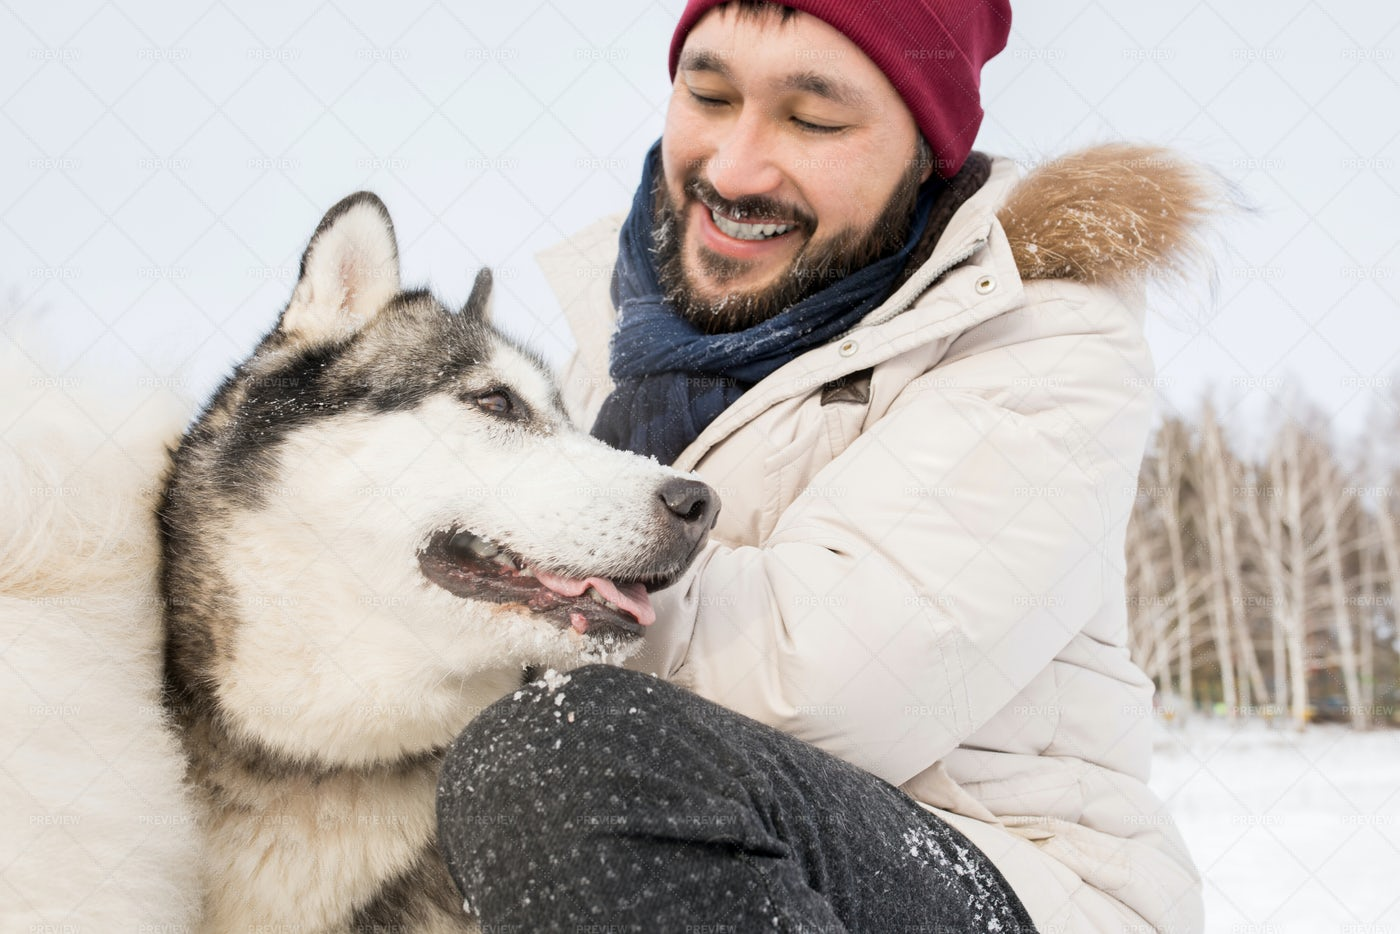 Asian Man Playing With Husky Dog: Stock Photos